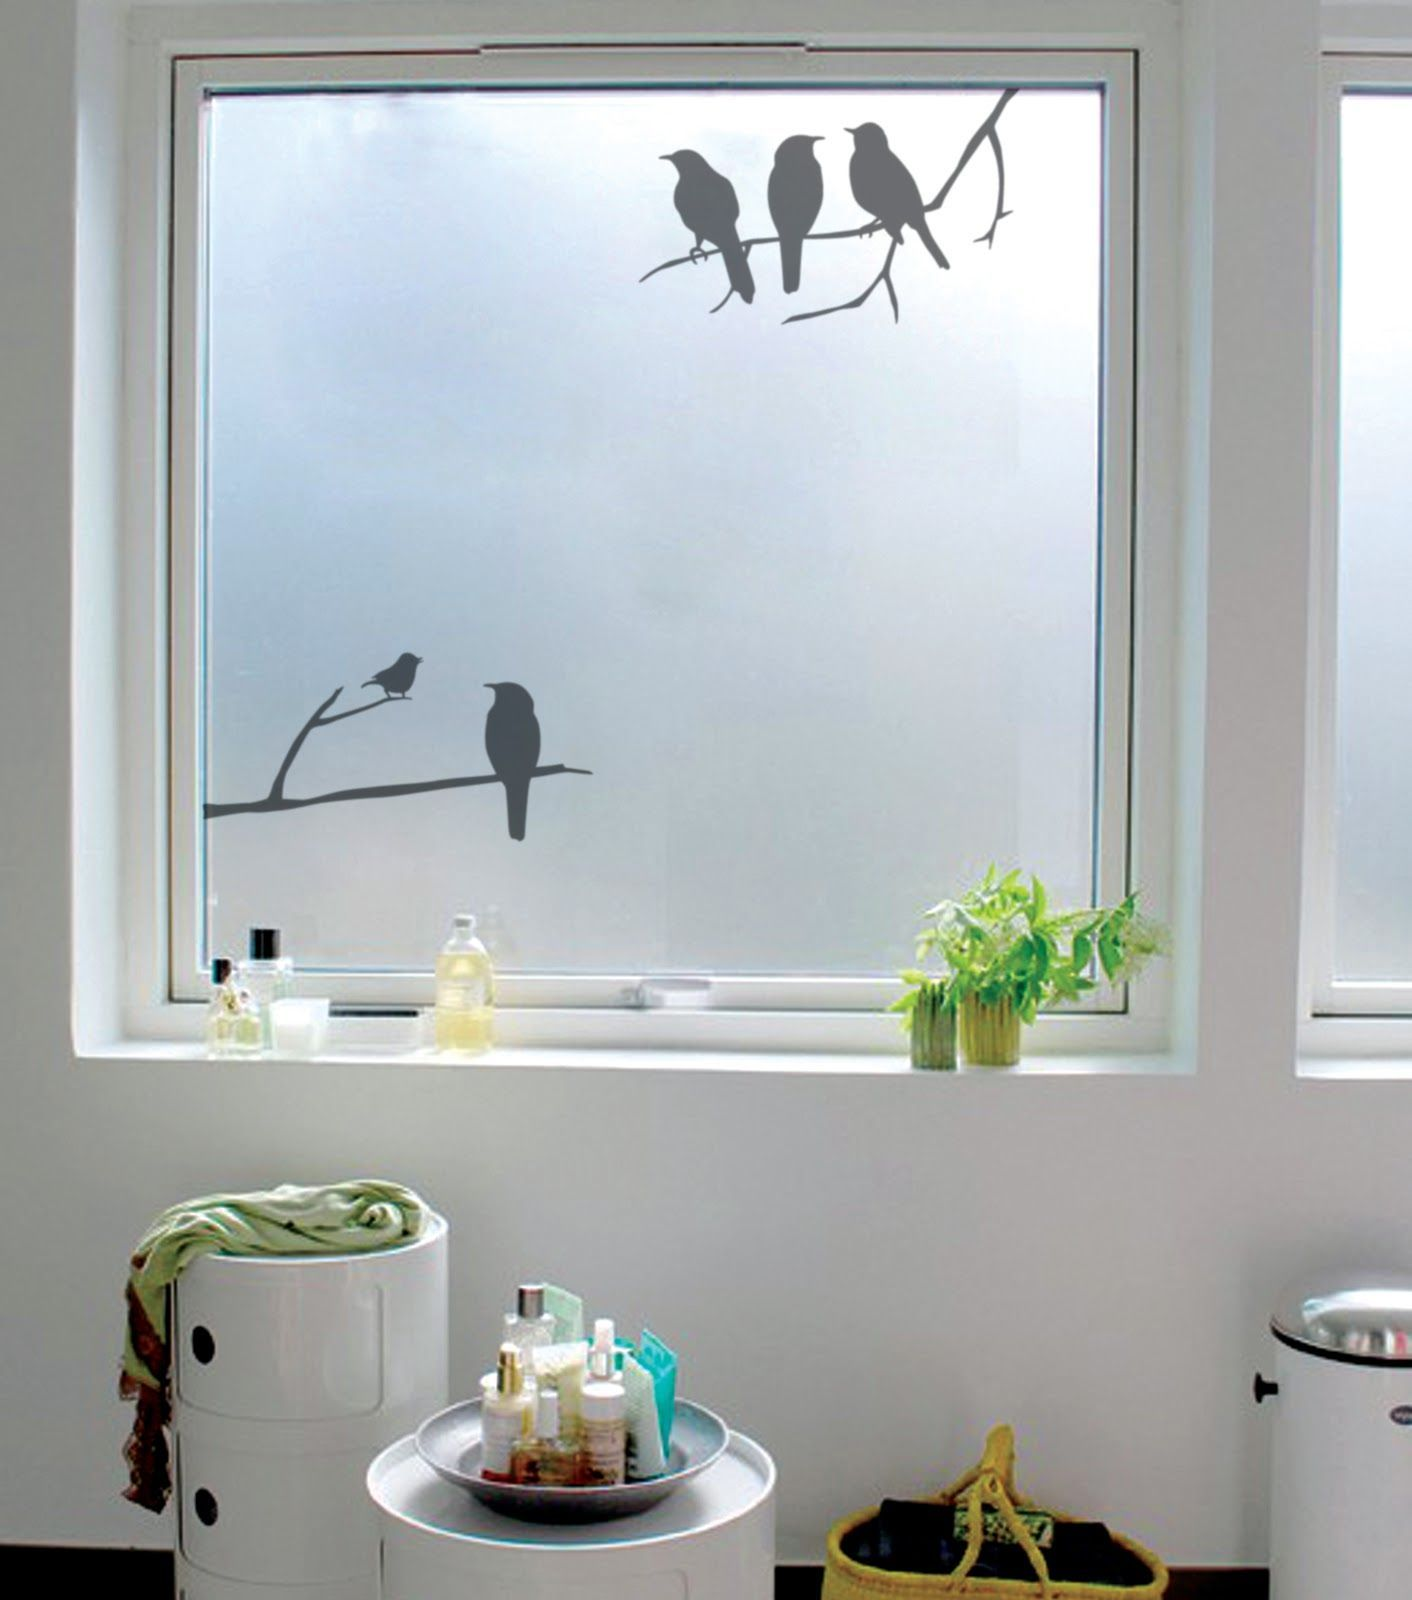 Vinilos o cristales decorativos para ventanas? | Vinilos, Ventana y ...